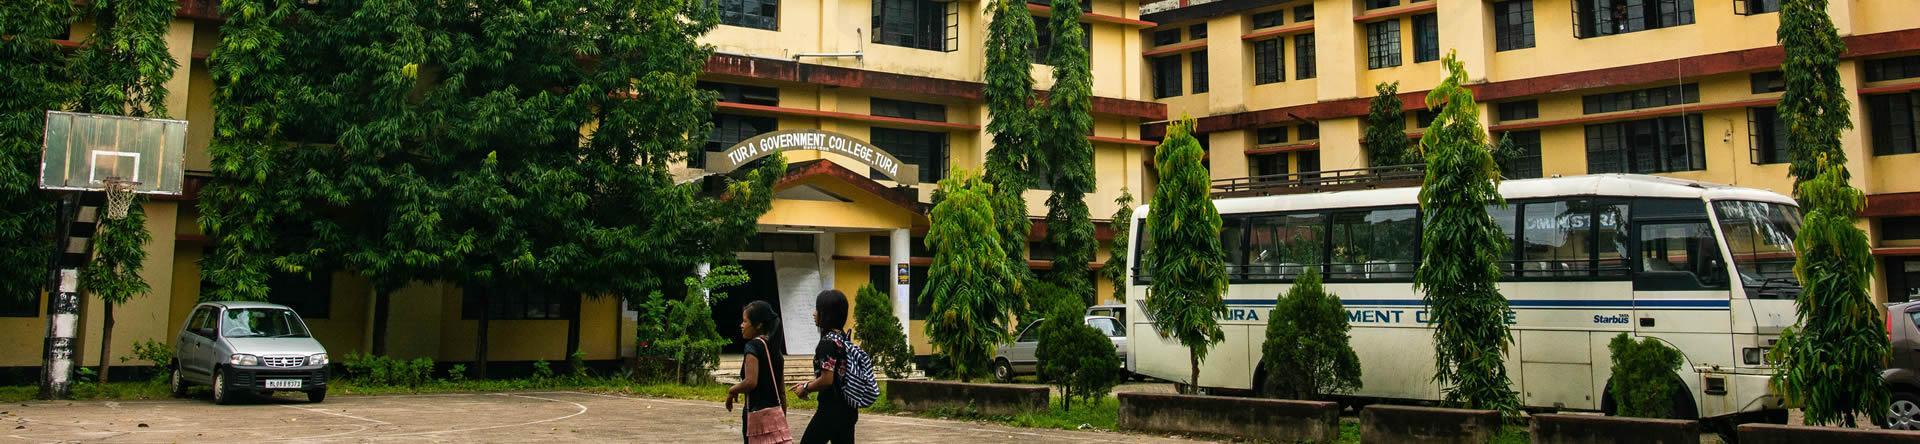 College Main Campus